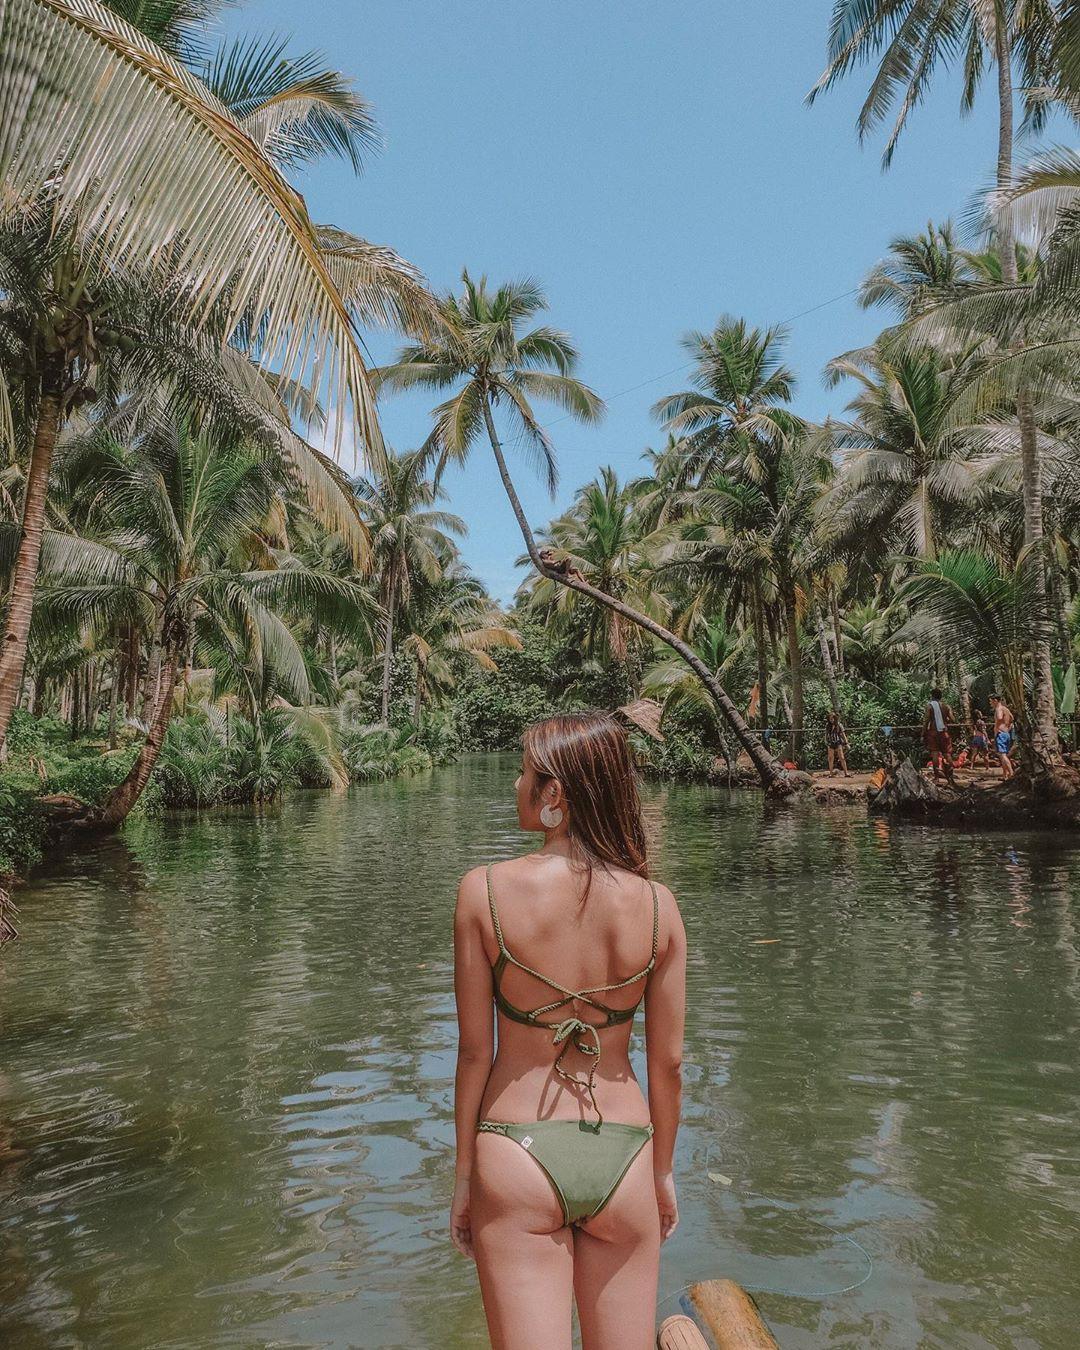 Vượt qua cả Bali và Hawaii, ốc đảo hình giọt nước kỳ lạ ở Philippines được tạp chí Mỹ bình chọn đẹp nhất thế giới - Ảnh 15.